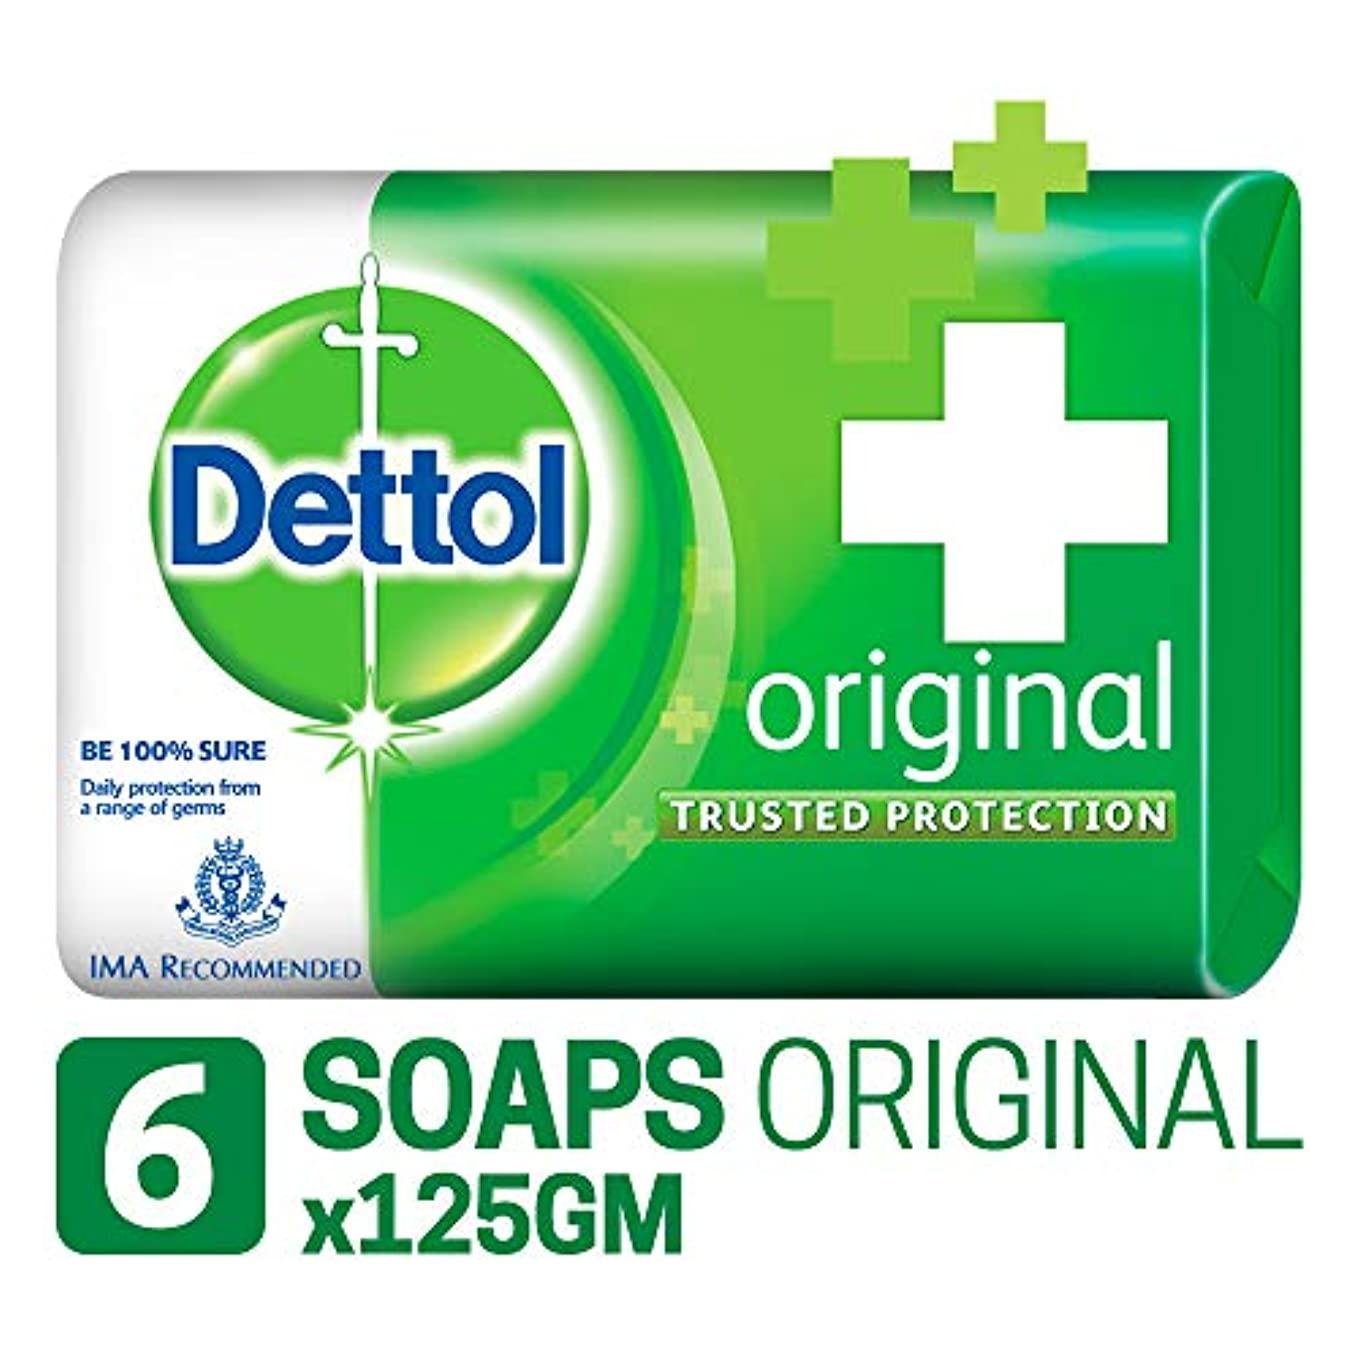 処方花ブラウザDettol Original Soap, 125g (Pack Of 6) SHIP FROM INDIA